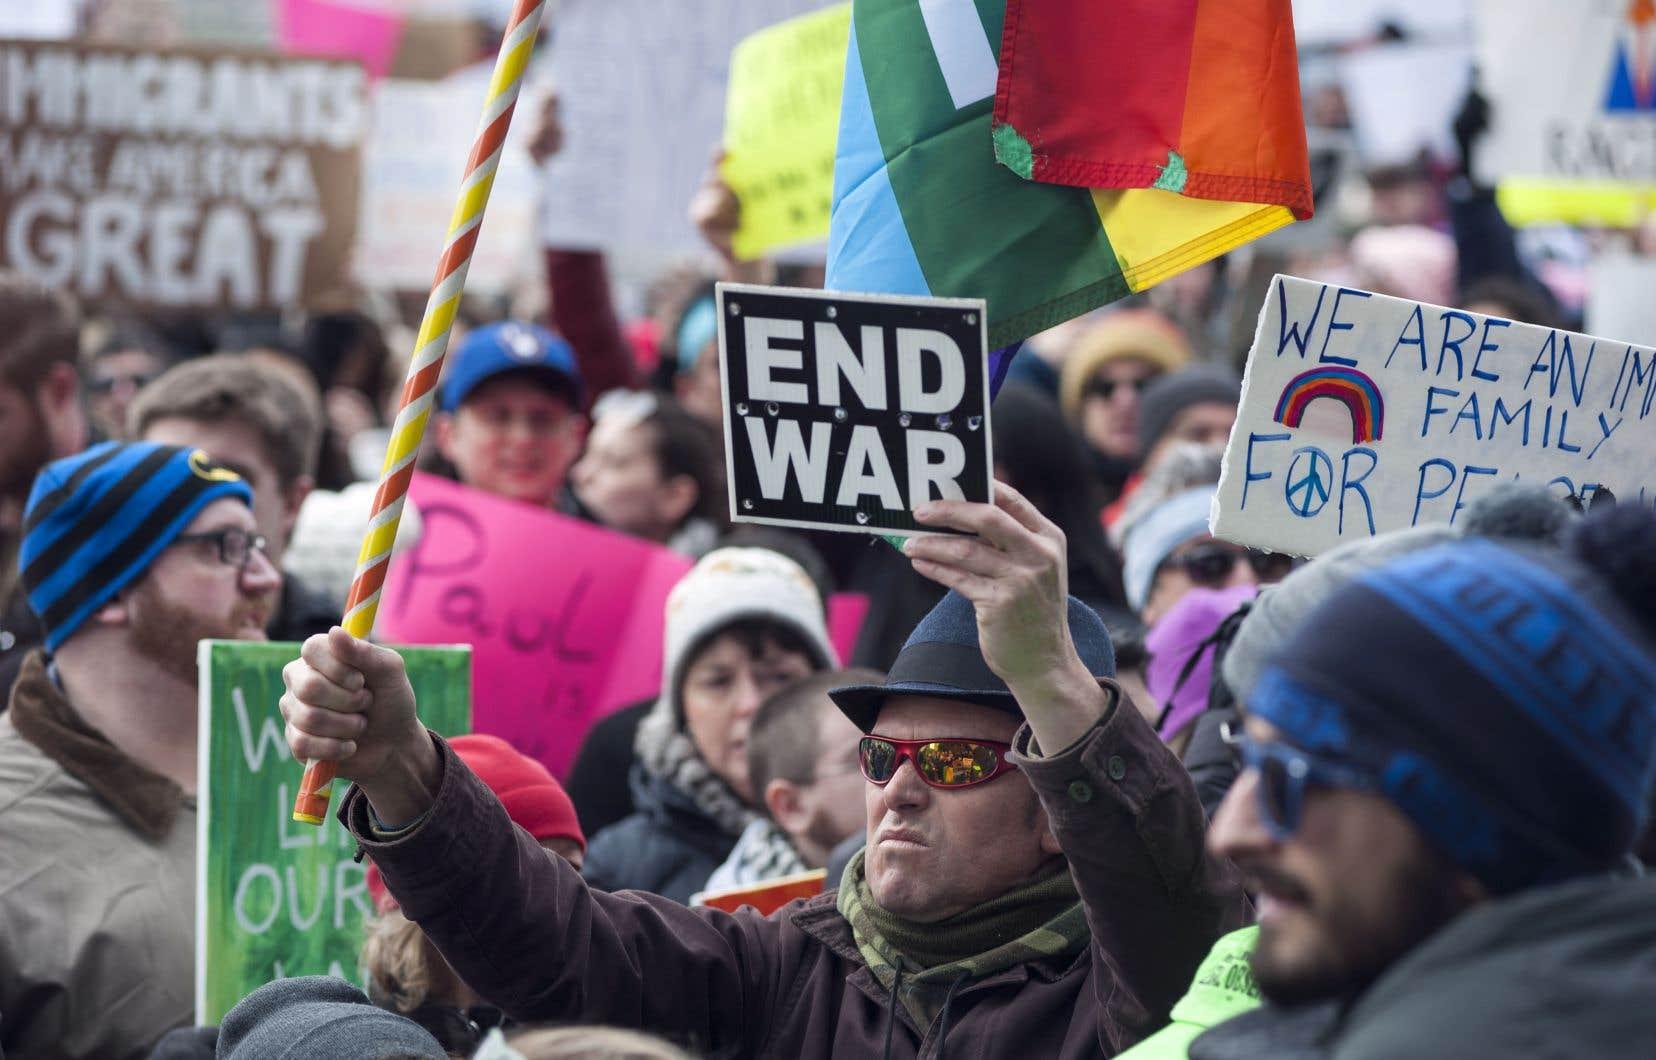 La scène internationale est dichotomique: les éléments favorables à la paix sont appariés à des éléments qui la menacent, croit l'auteur.